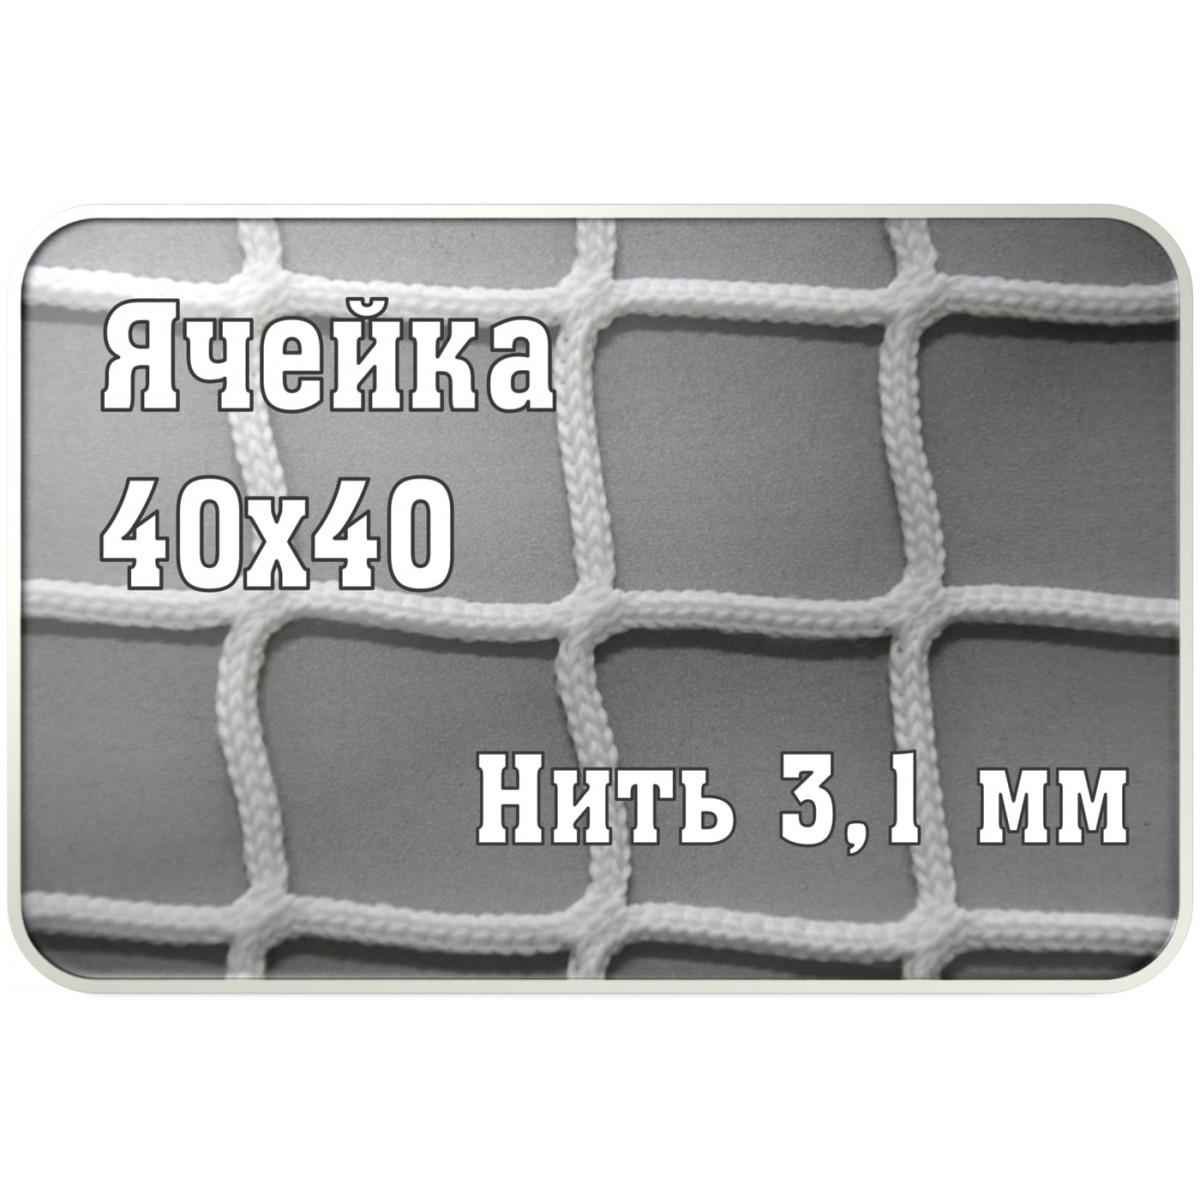 Магазин Сетка Хабаровск